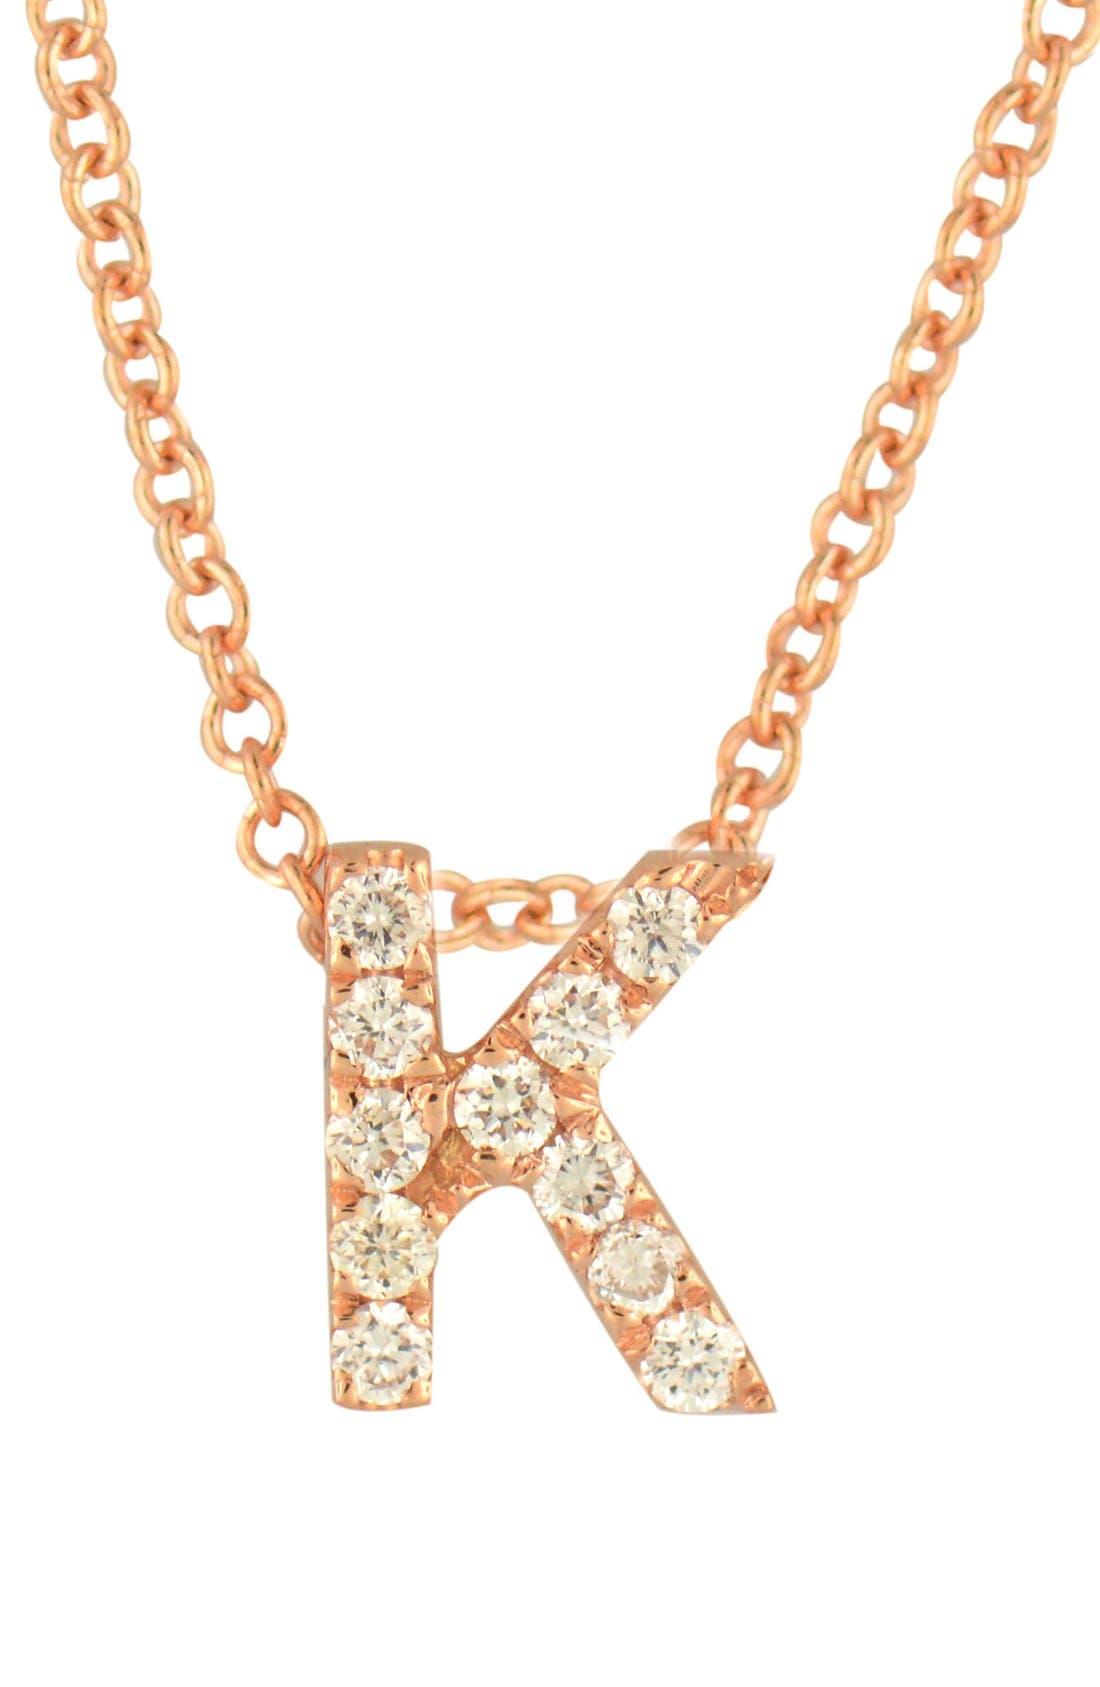 18k Gold Pavé Diamond Initial Pendant Necklace,                         Main,                         color, Rose Gold - K